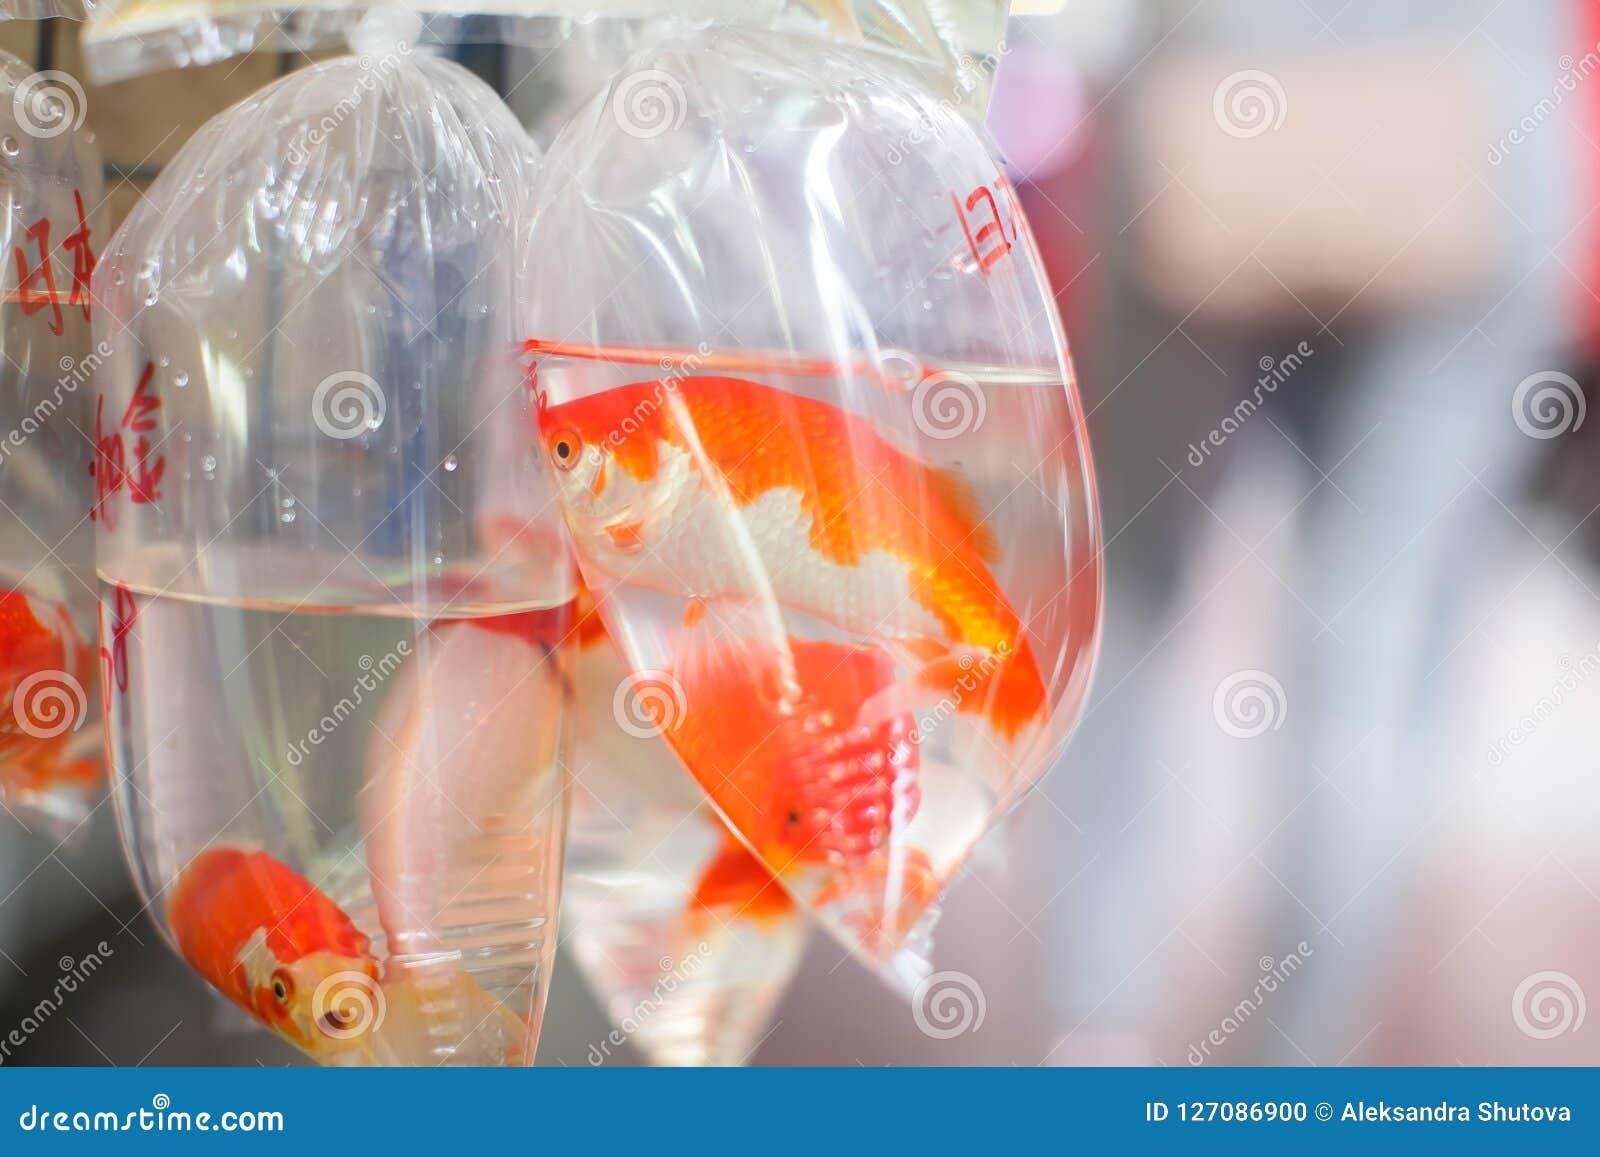 Guldfiskar och olika fiskar för akvarium i plastpåsar hängde på väggen i ett älsklings- shoppar att sälja i Hong Kong